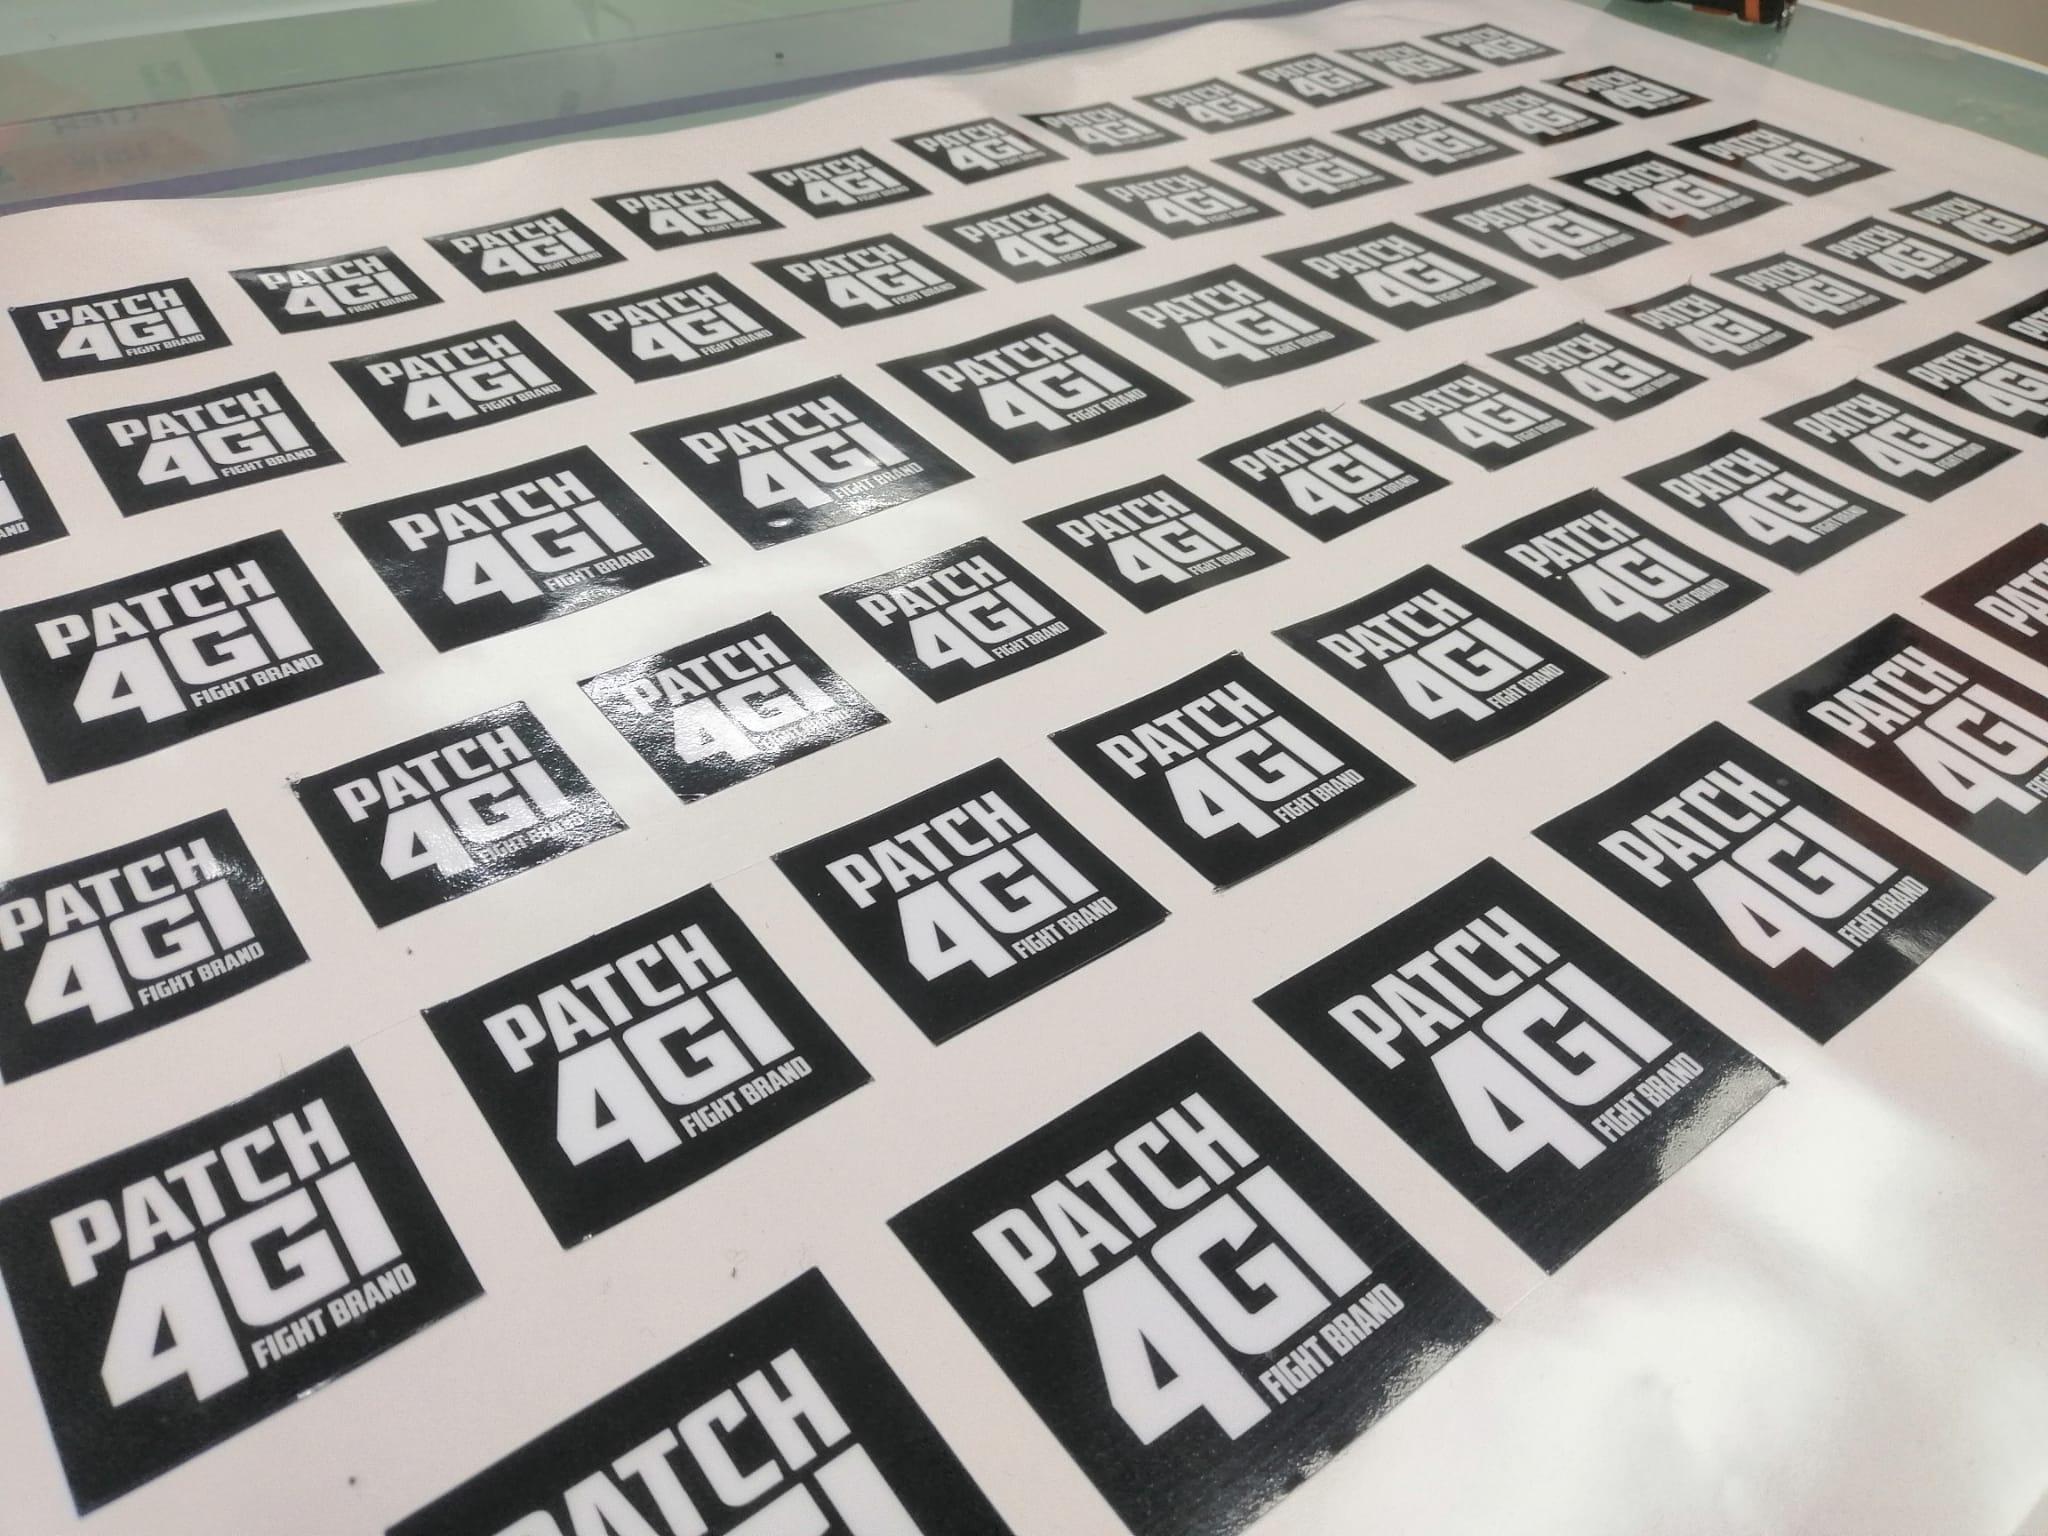 Impresión de adhesivos en vinilo para marca nacional